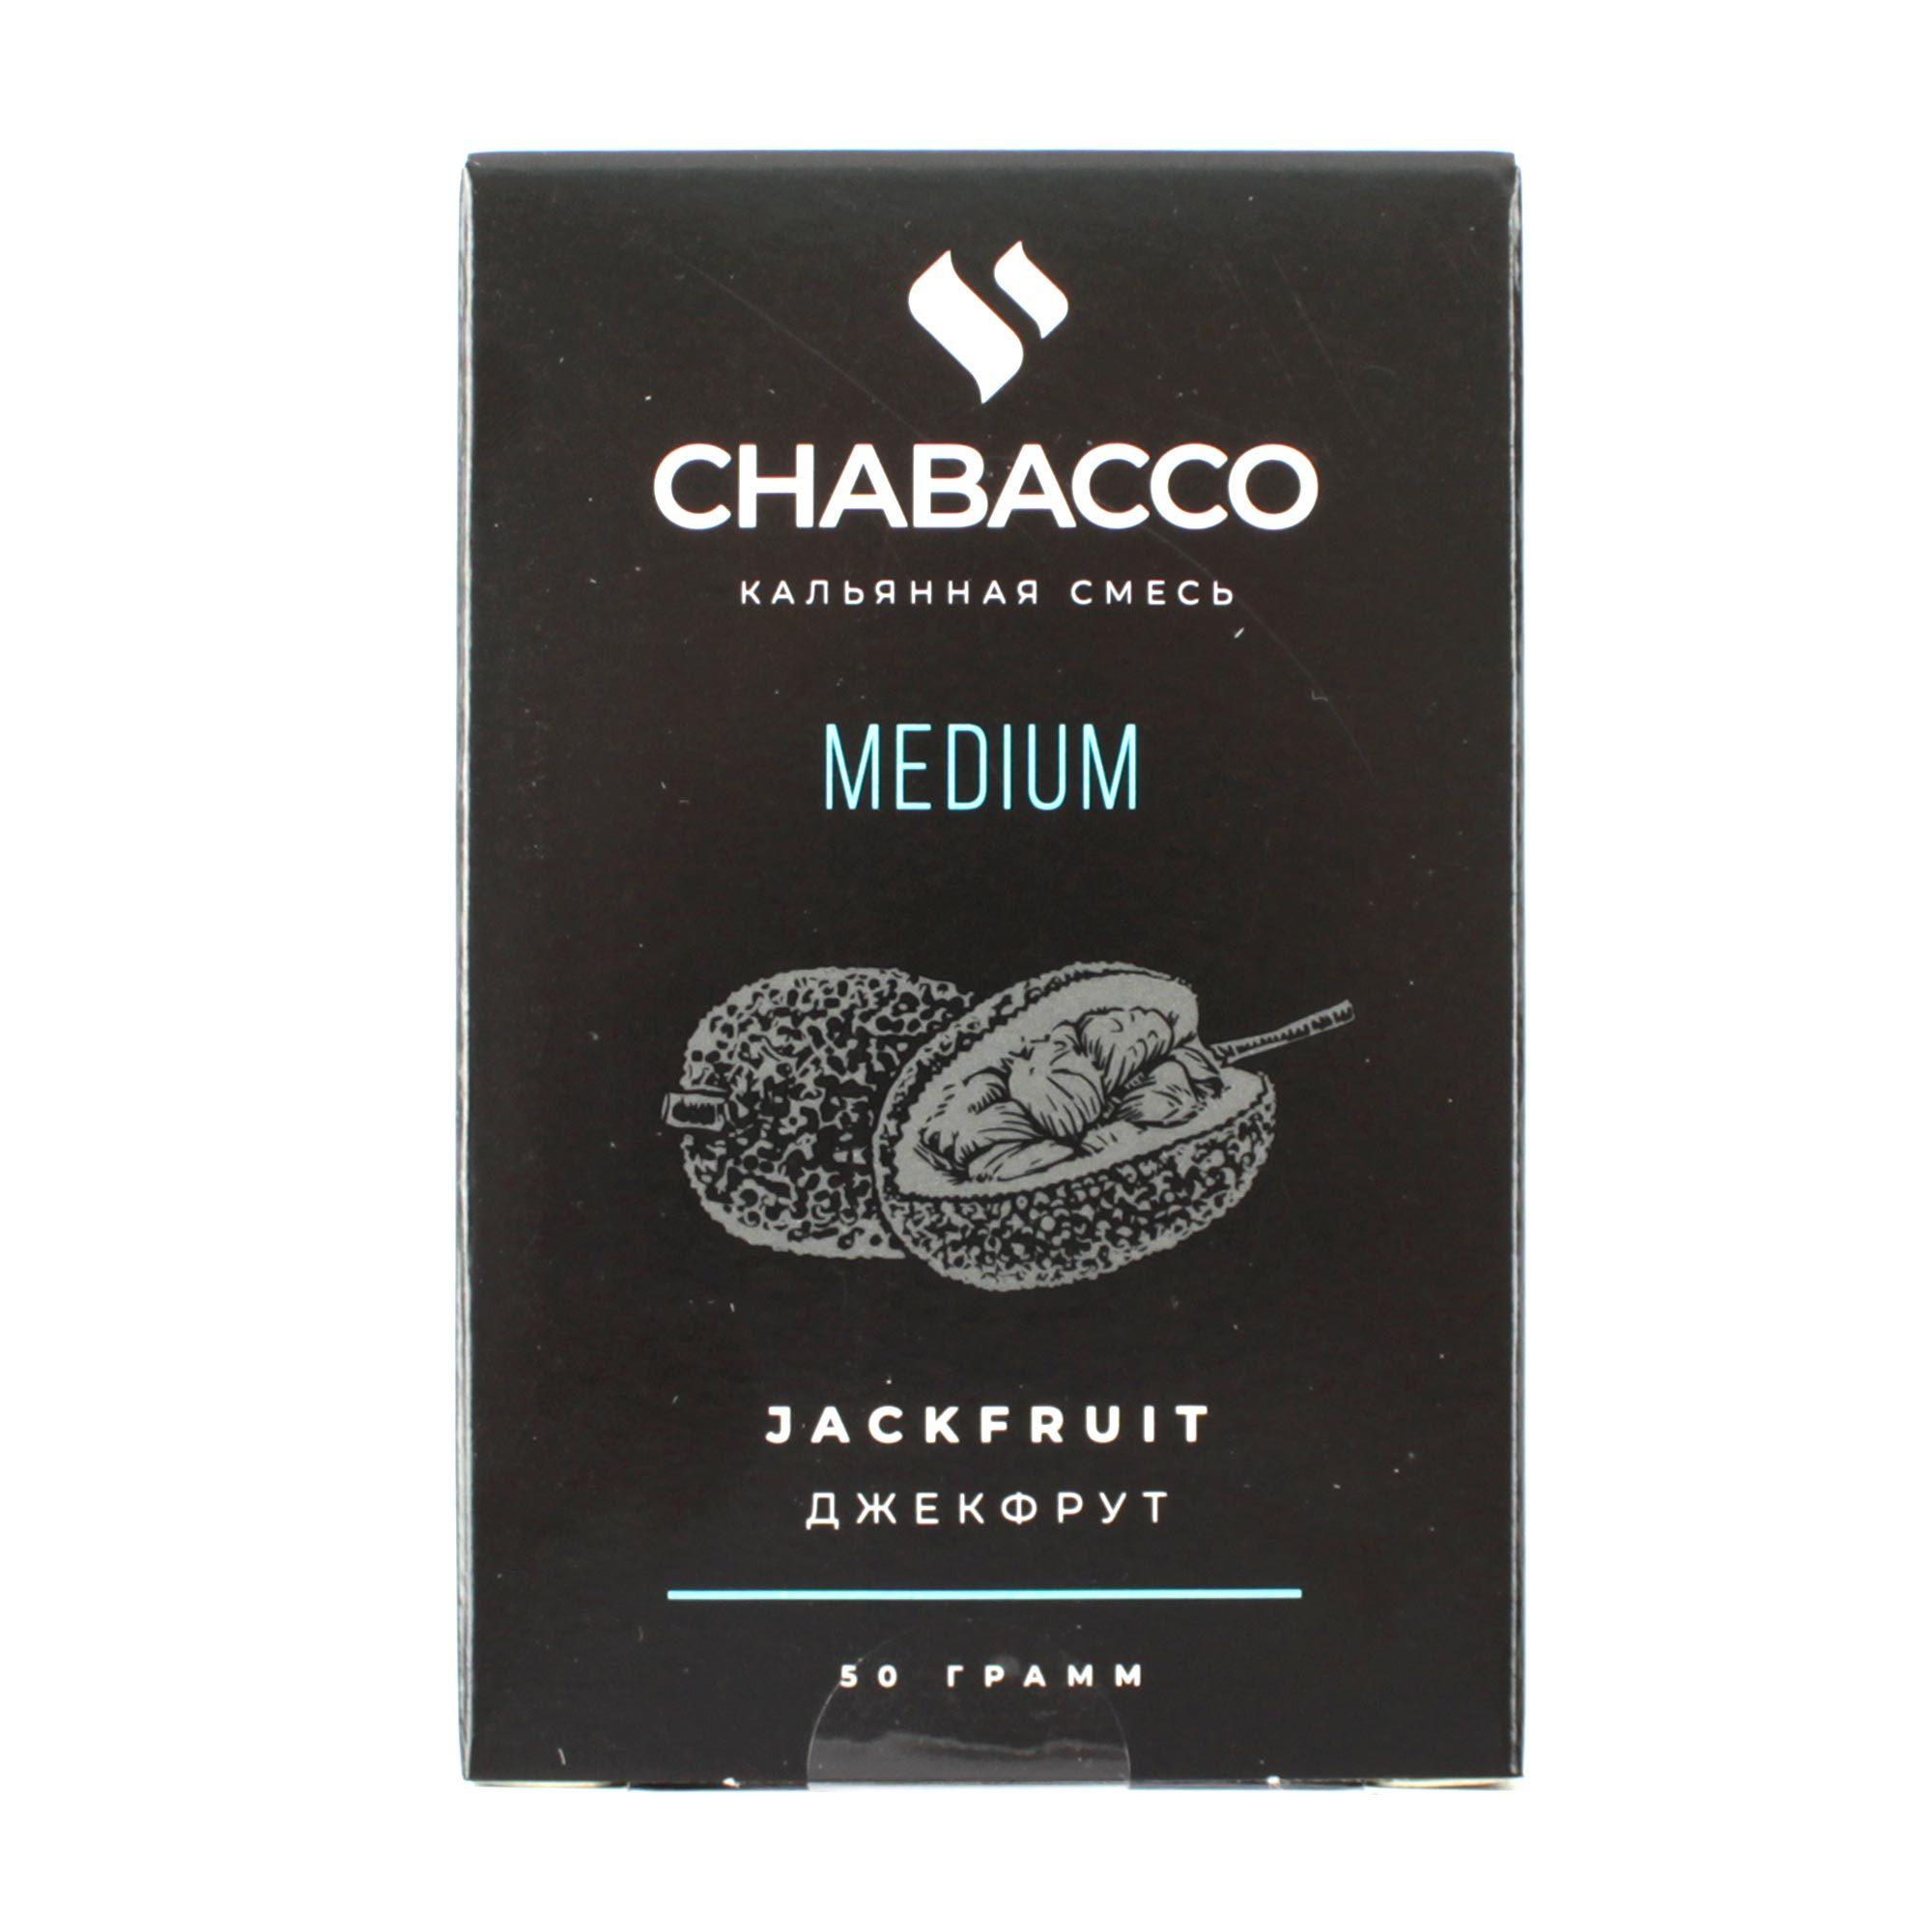 Кальянная смесь Chabacco Medium 50 гр Jackfruit